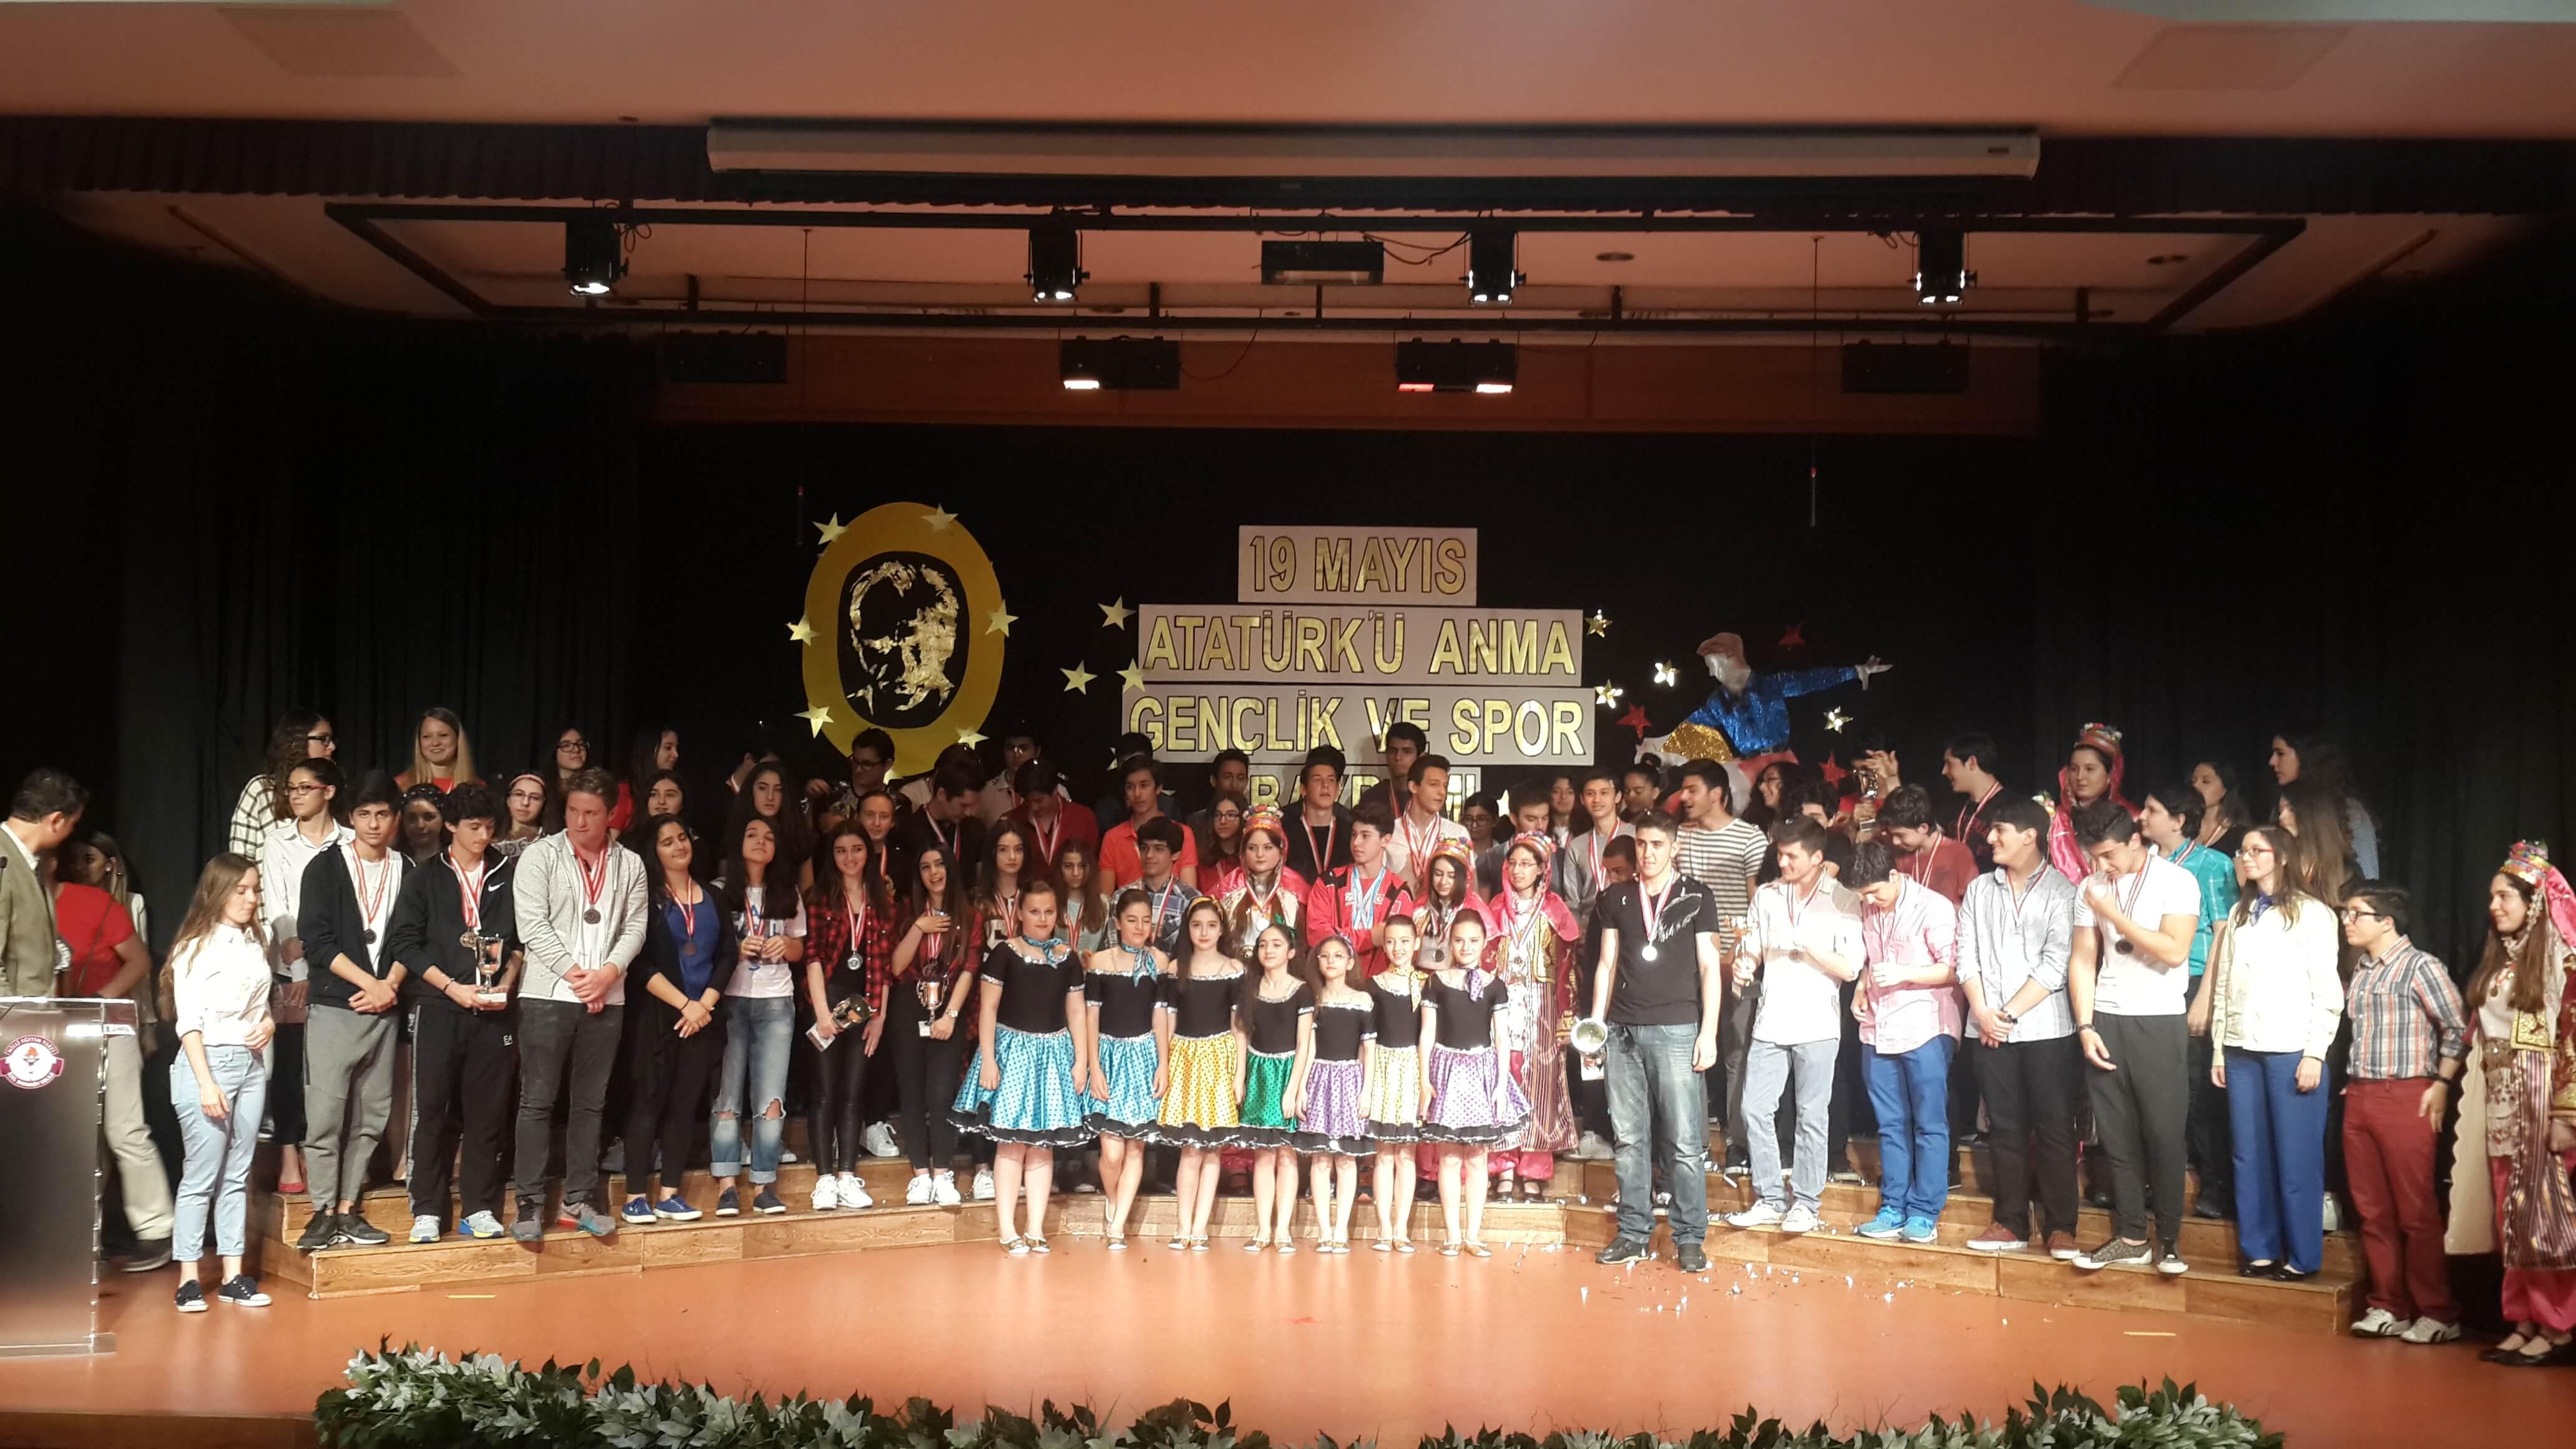 19 Mayıs Atatürk'ü Anma Gençlik ve Spor Bayramımızı Coşkuyla Kutladık